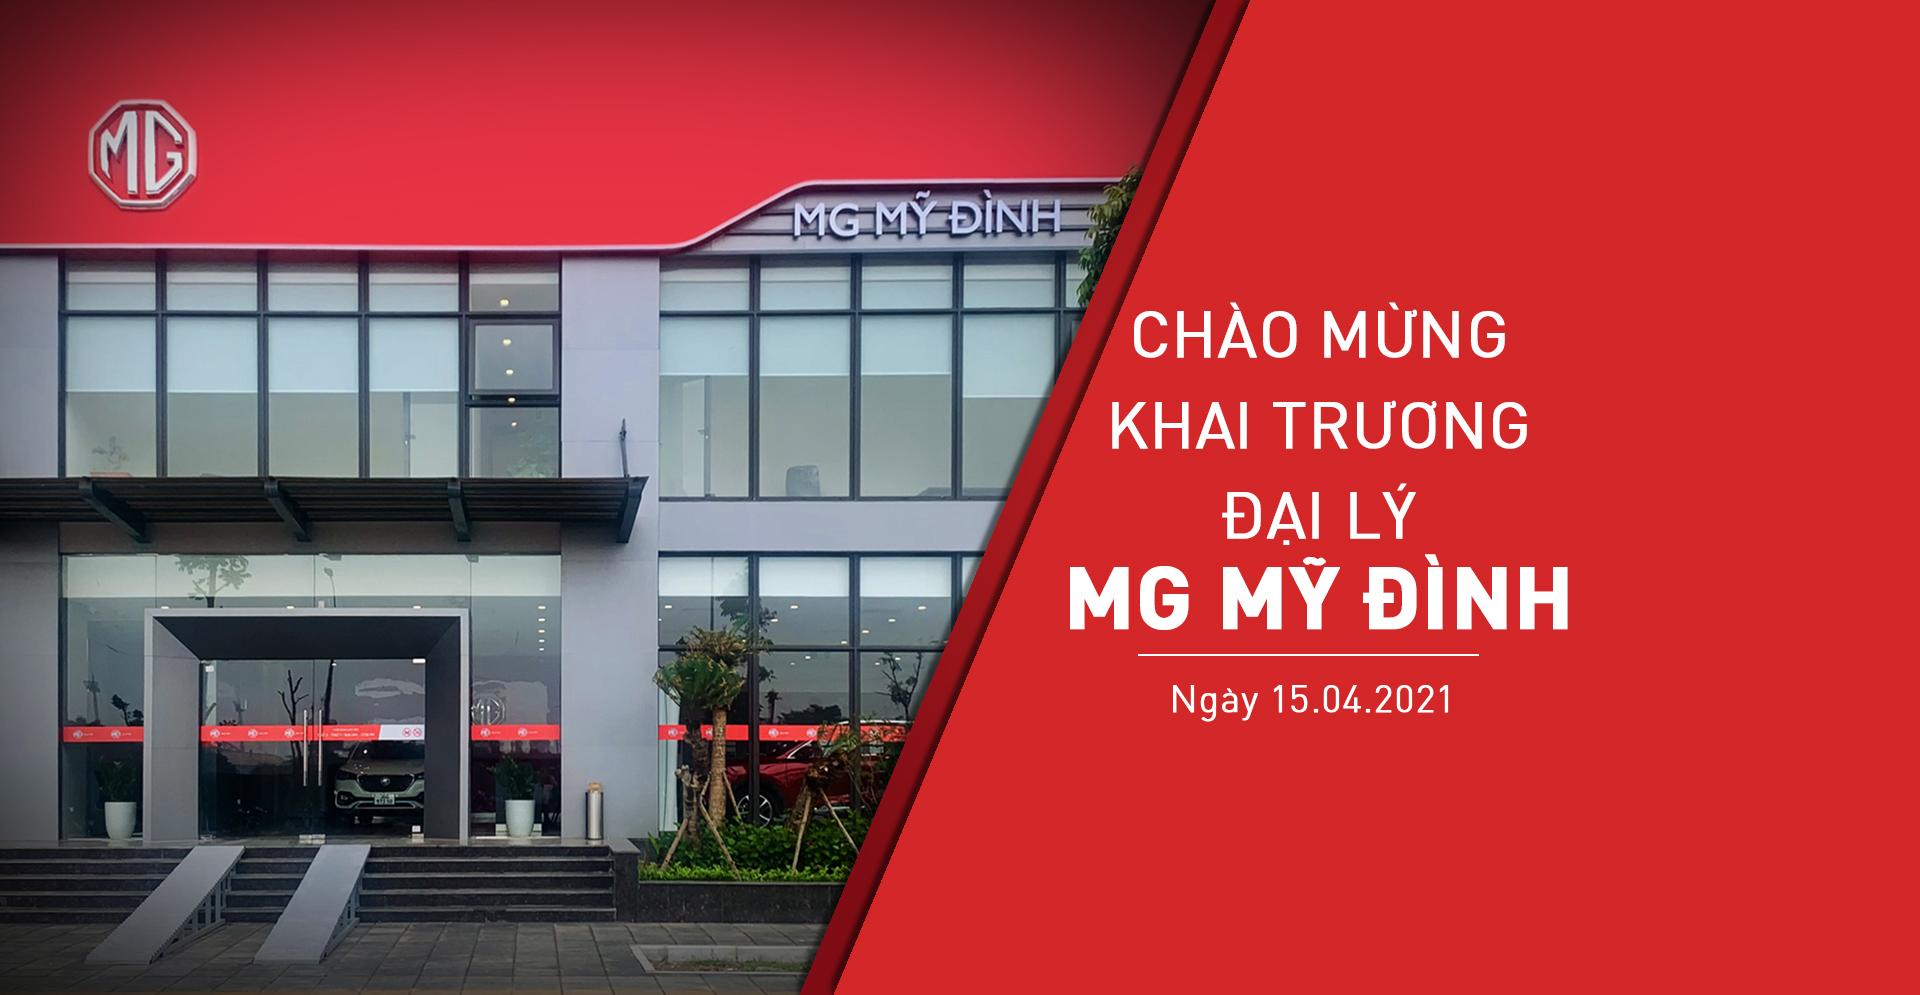 MG Việt Nam ra mắt liên tiếp 4 đại lý trên toàn quốc top-banner-chao-mung-mmdi.jpg